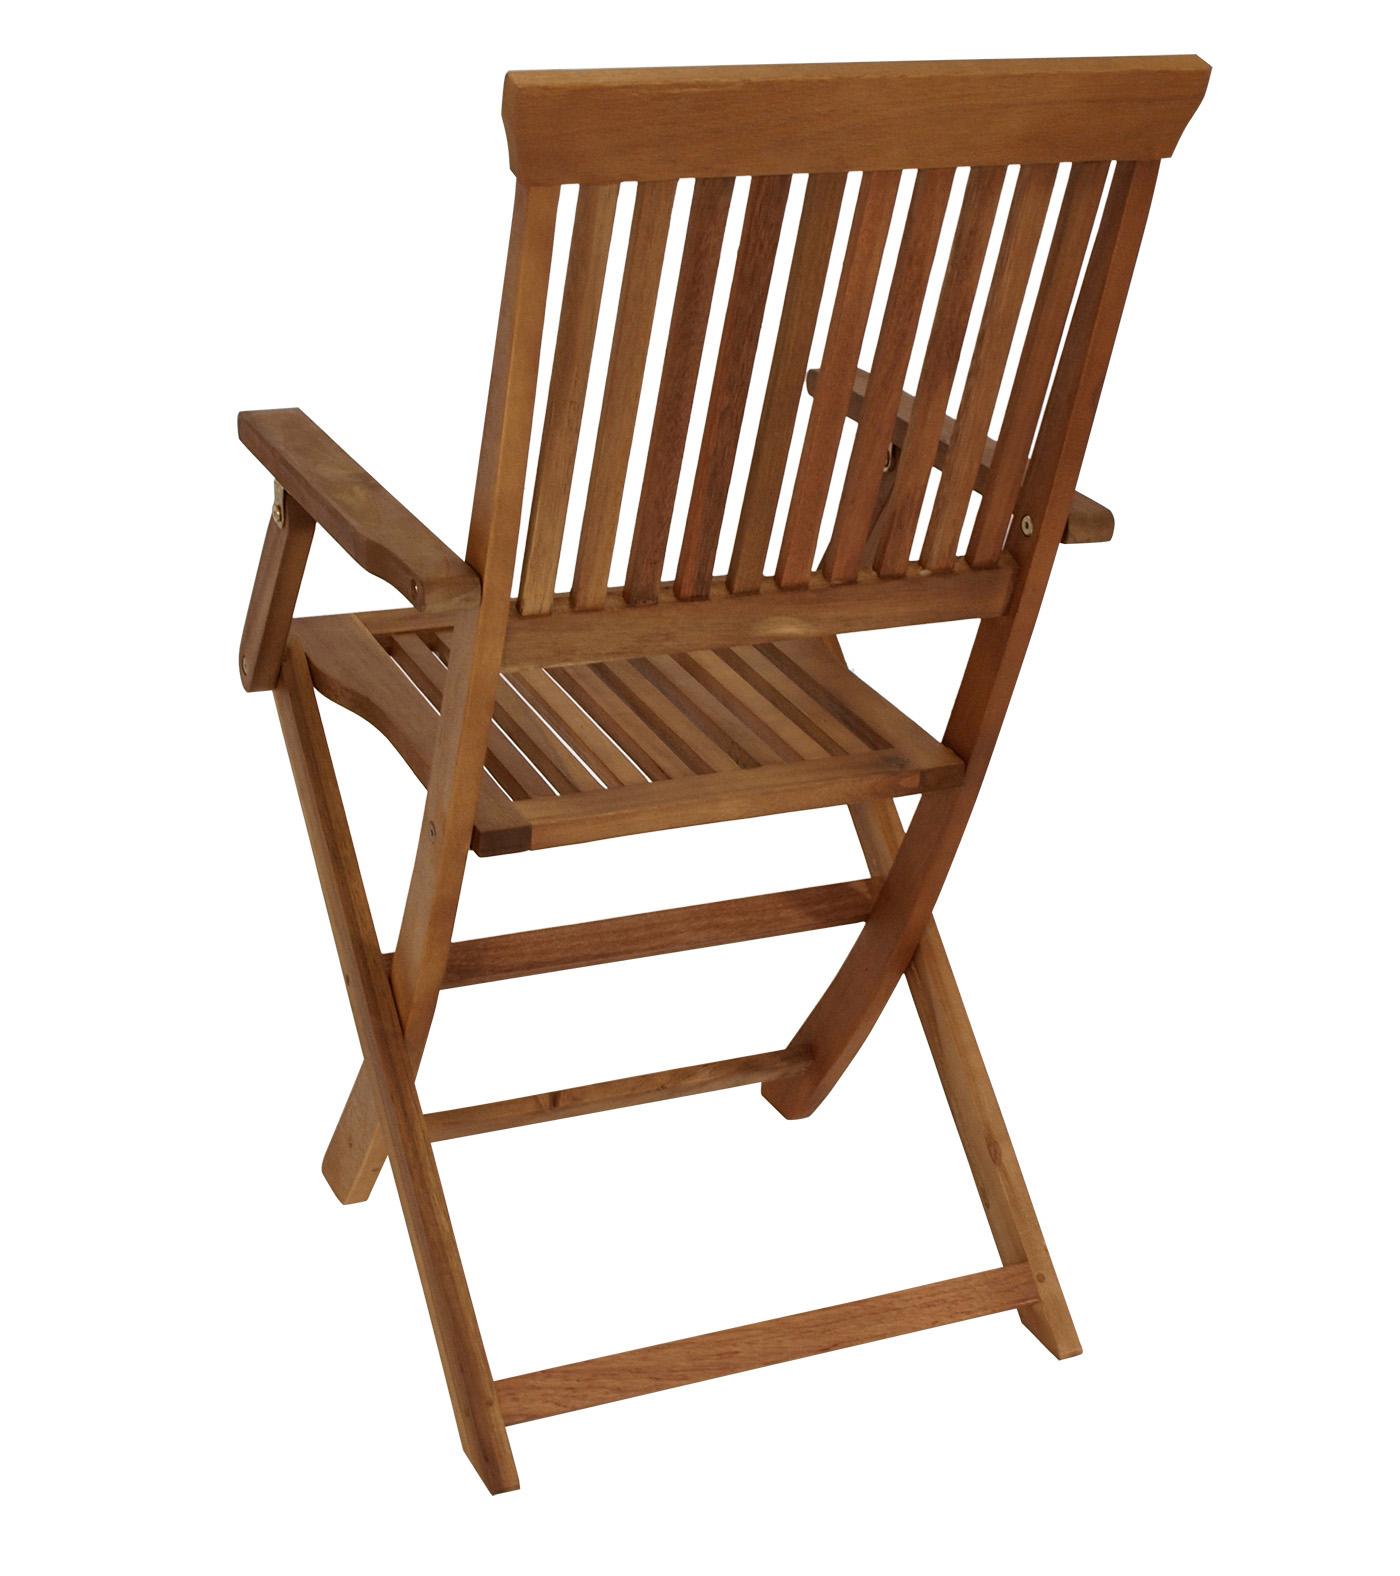 gartenstuhl klappstuhl holzstuhl gartenm bel stuhl sessel tobago akazie 4 st ck ebay. Black Bedroom Furniture Sets. Home Design Ideas